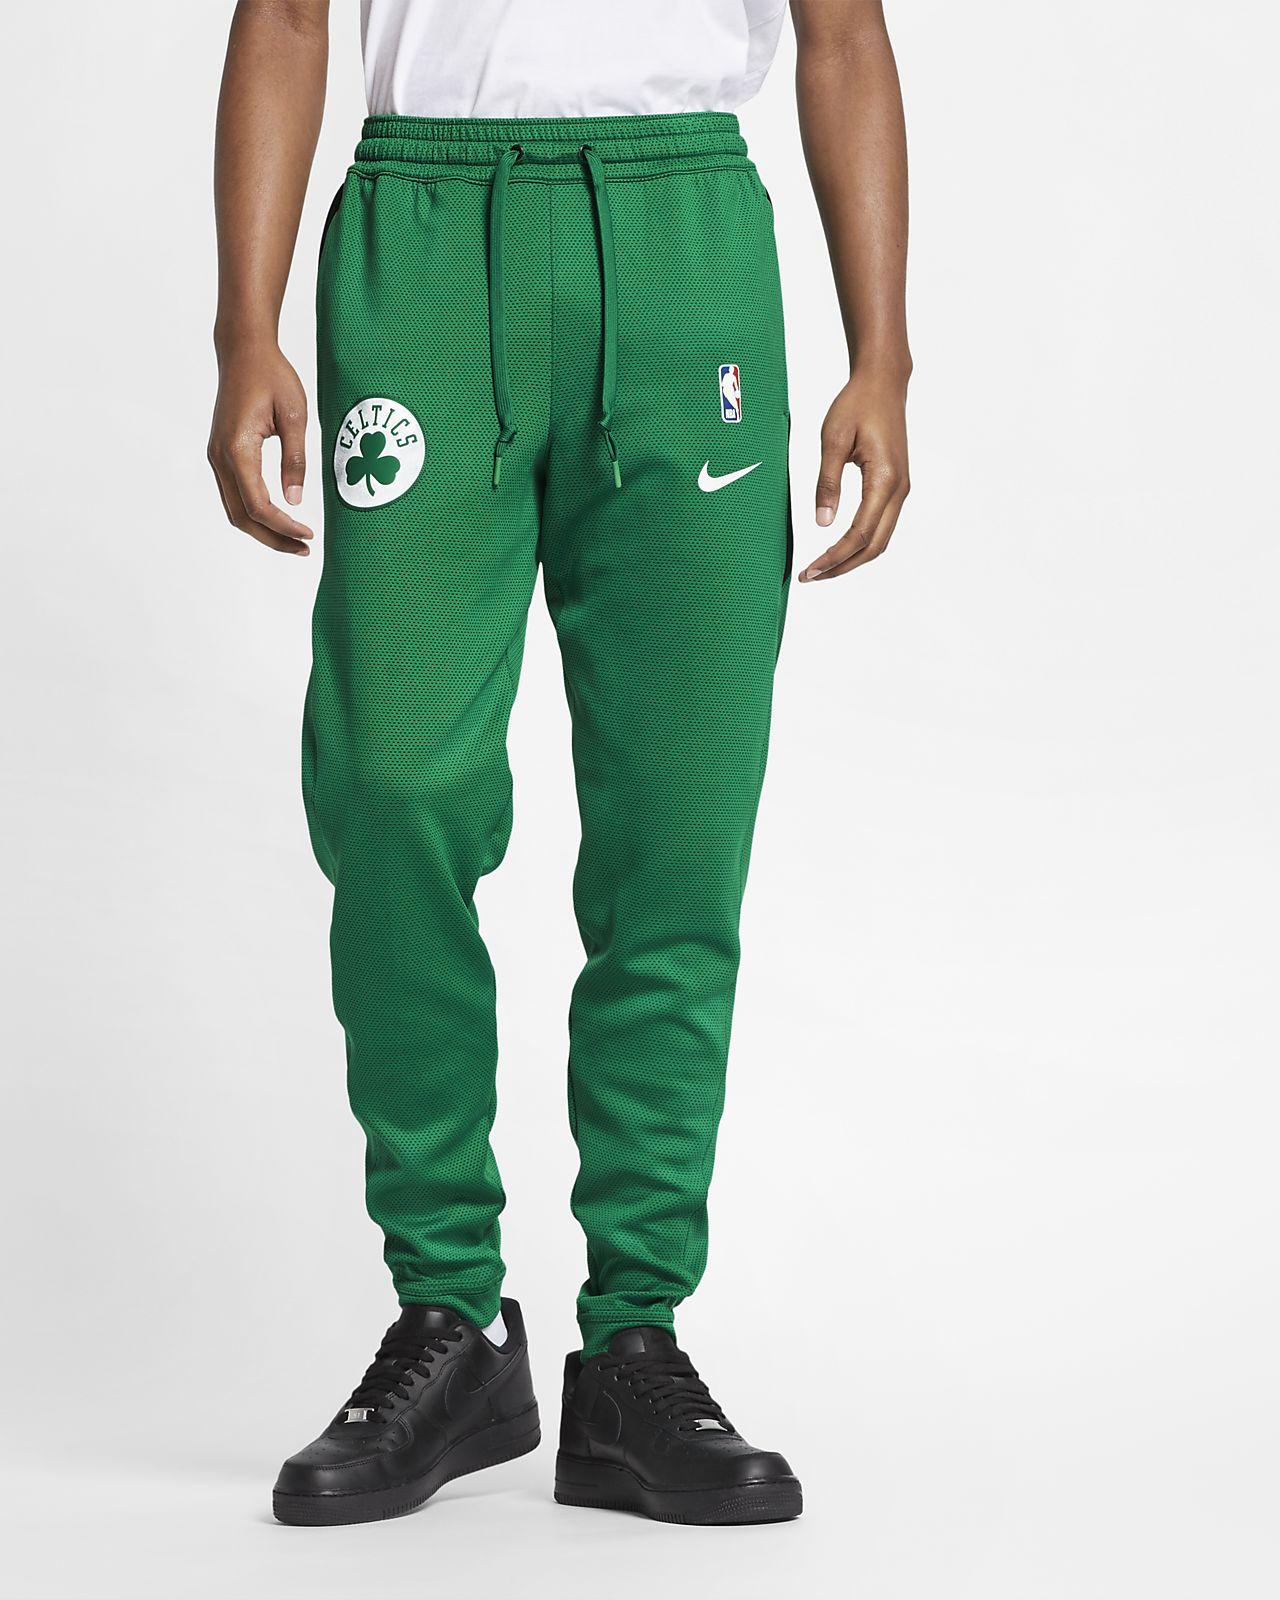 0a7b3e5b1 Boston Celtics Nike Therma Flex Showtime Men s NBA Trousers. Nike.com GB